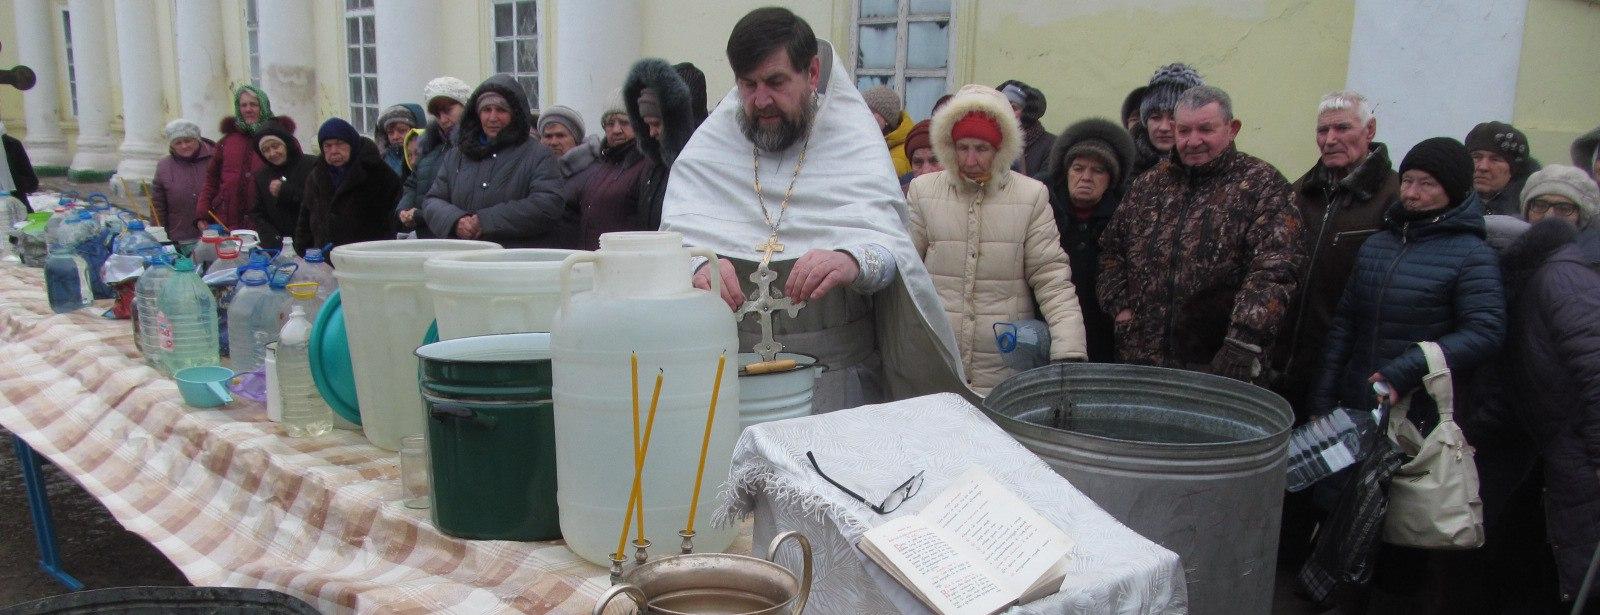 Праздничное богослужение в Еланском храме Сошествия Святого Духаю.